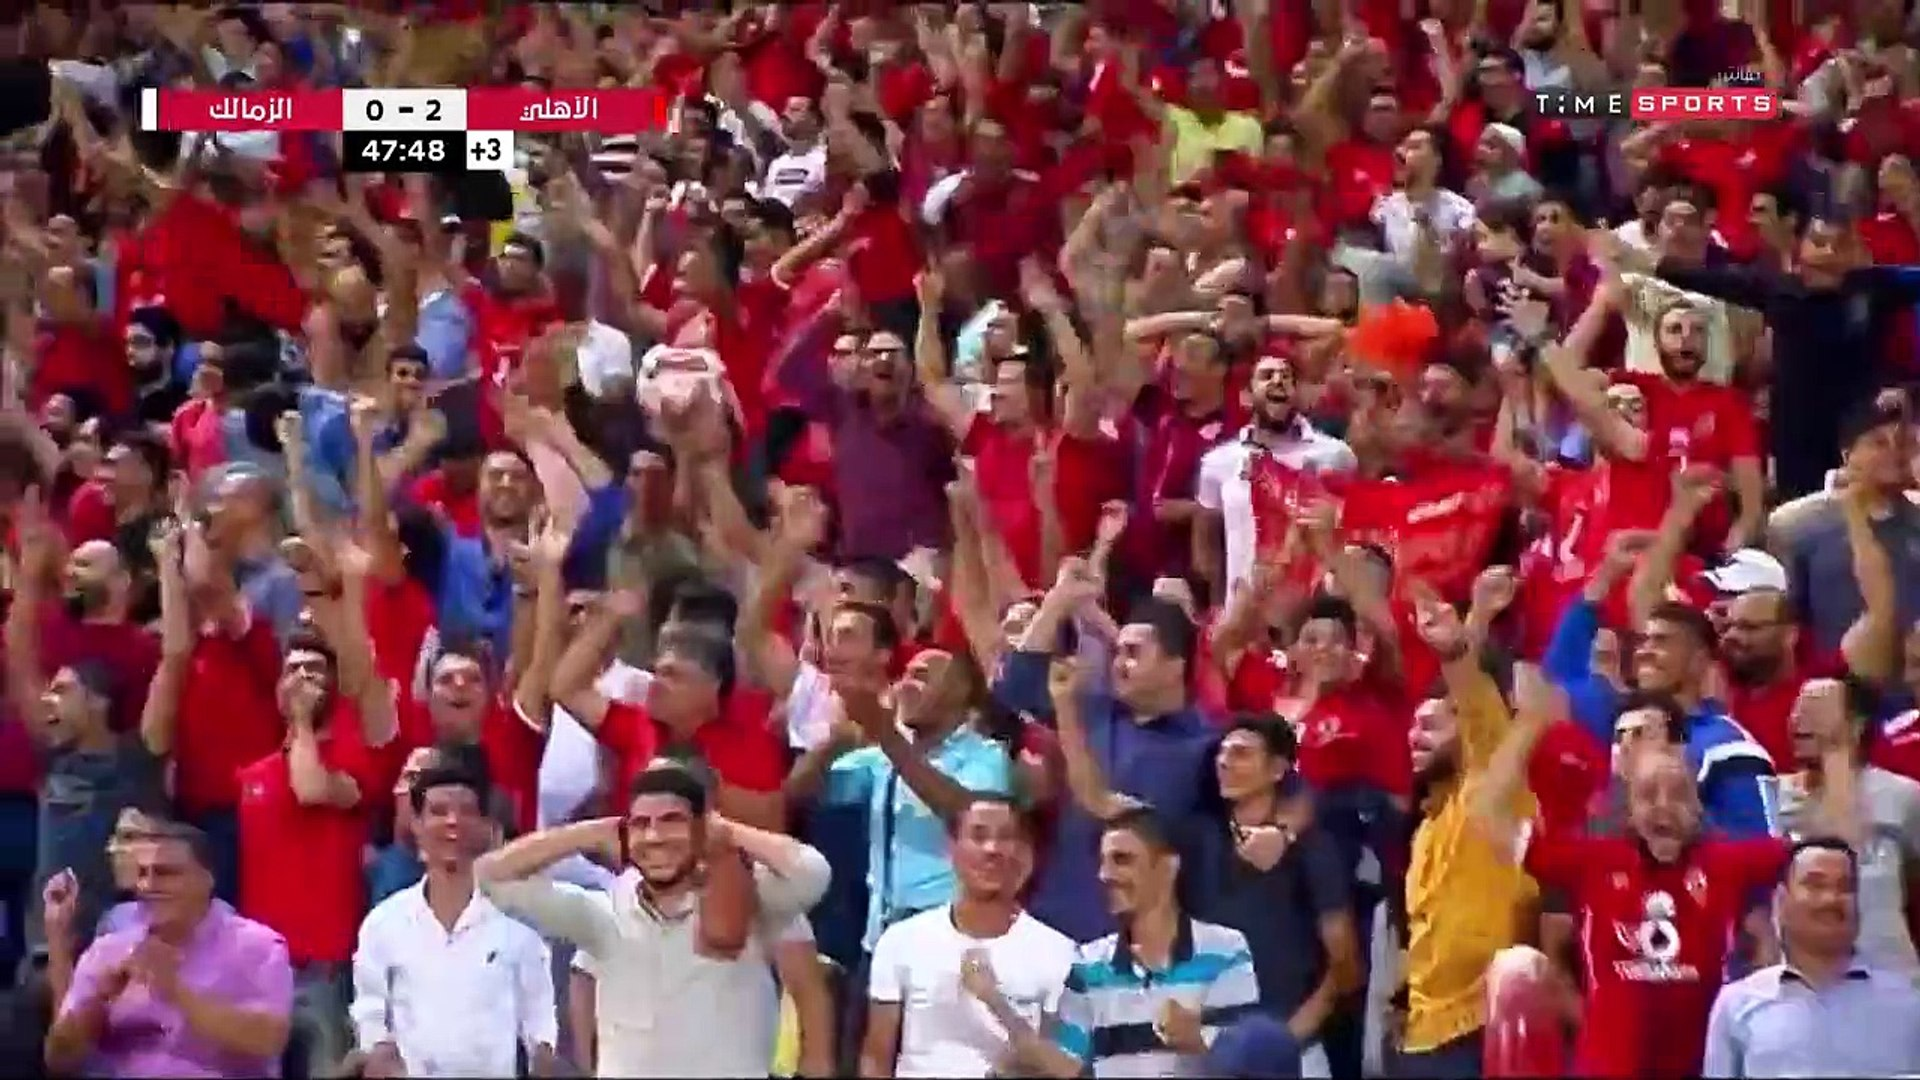 بالفيديو | تتويج الاهلي بلقب السوبر المصري بعد فوزة على الزمالك (3-2)